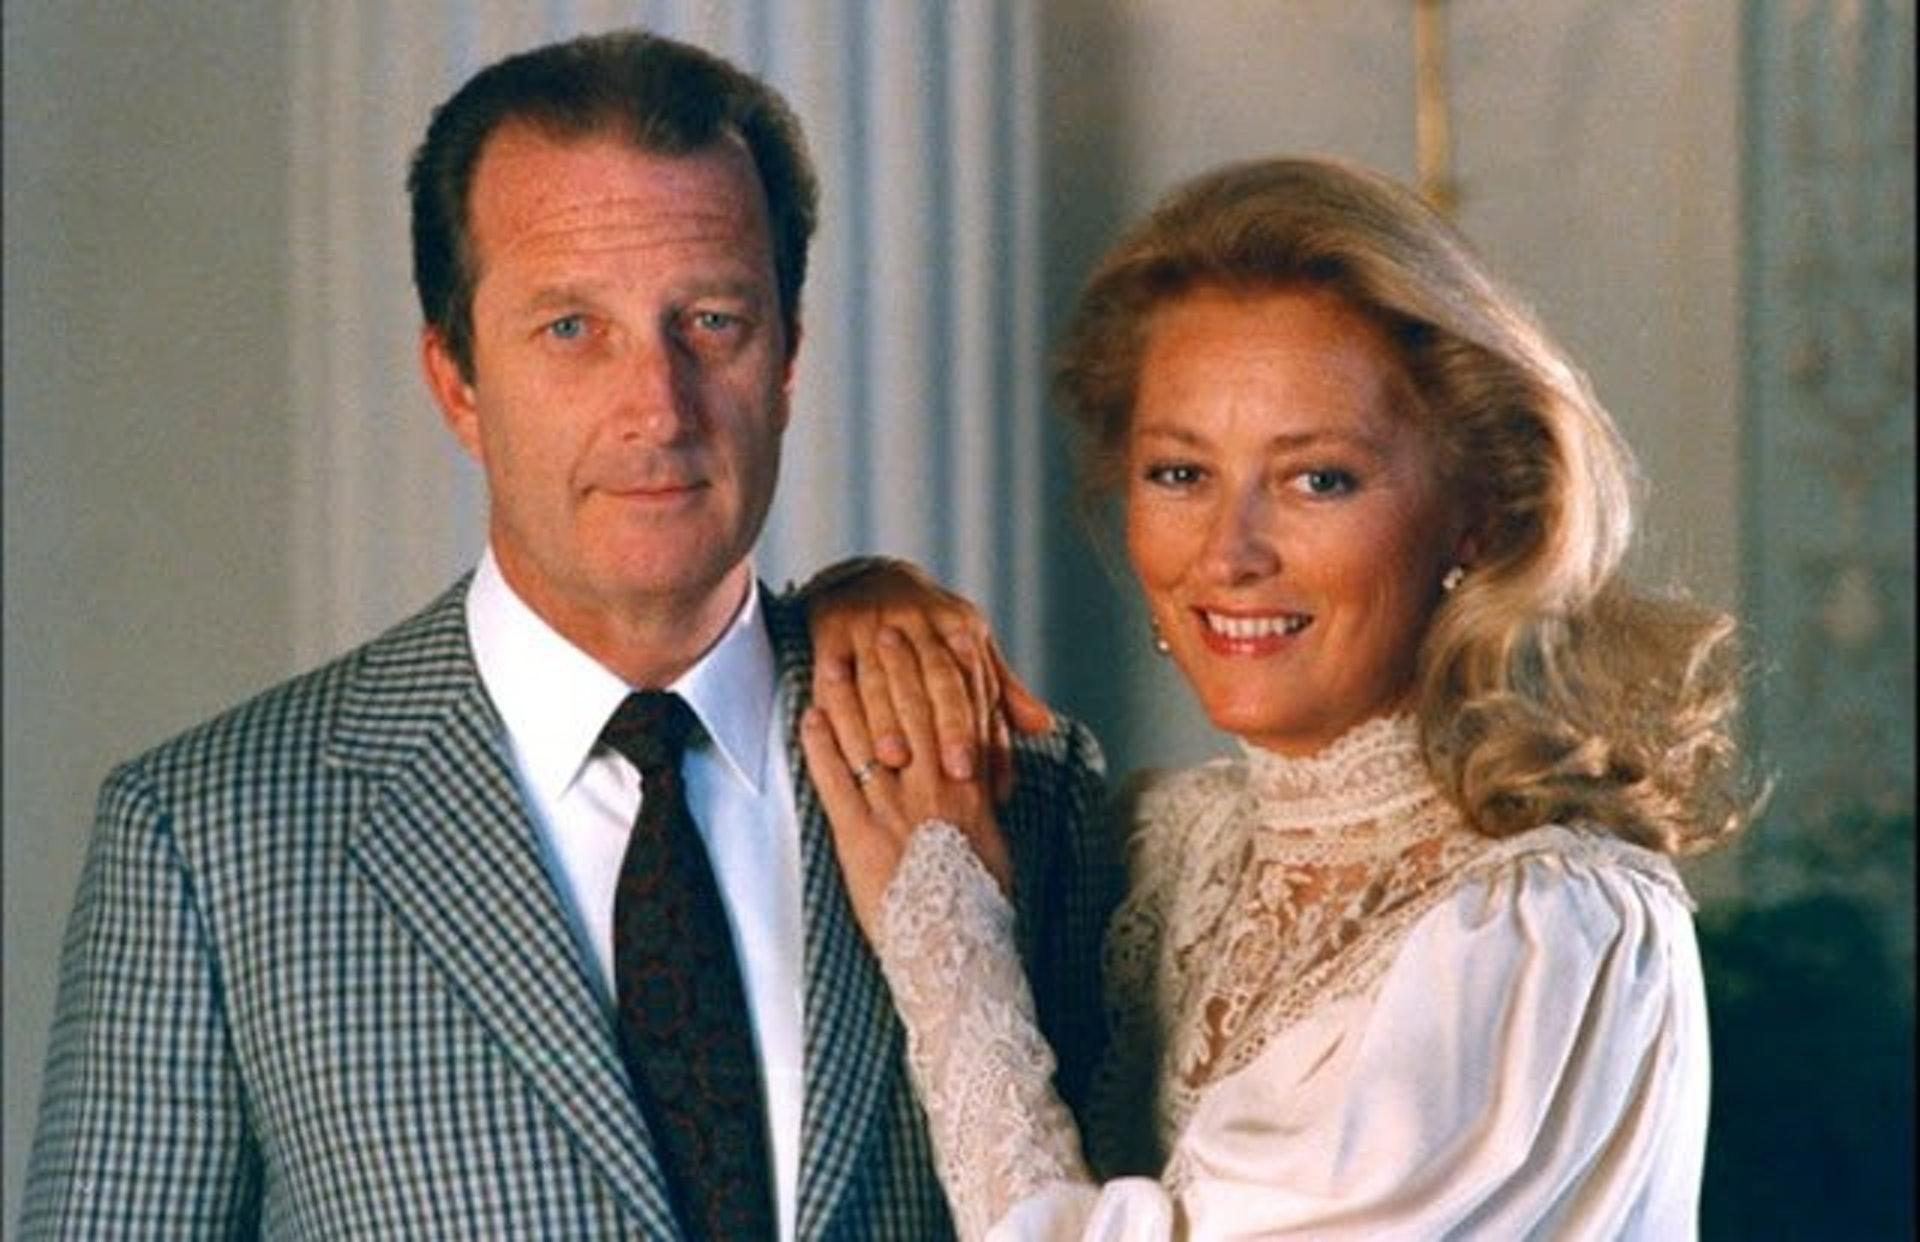 那时王室封锁消息,只对外宣称王子夫妇感情出现了问题,也就打破了阿尔伯「好丈夫」的形象。(Royal Ladies@Twitter)